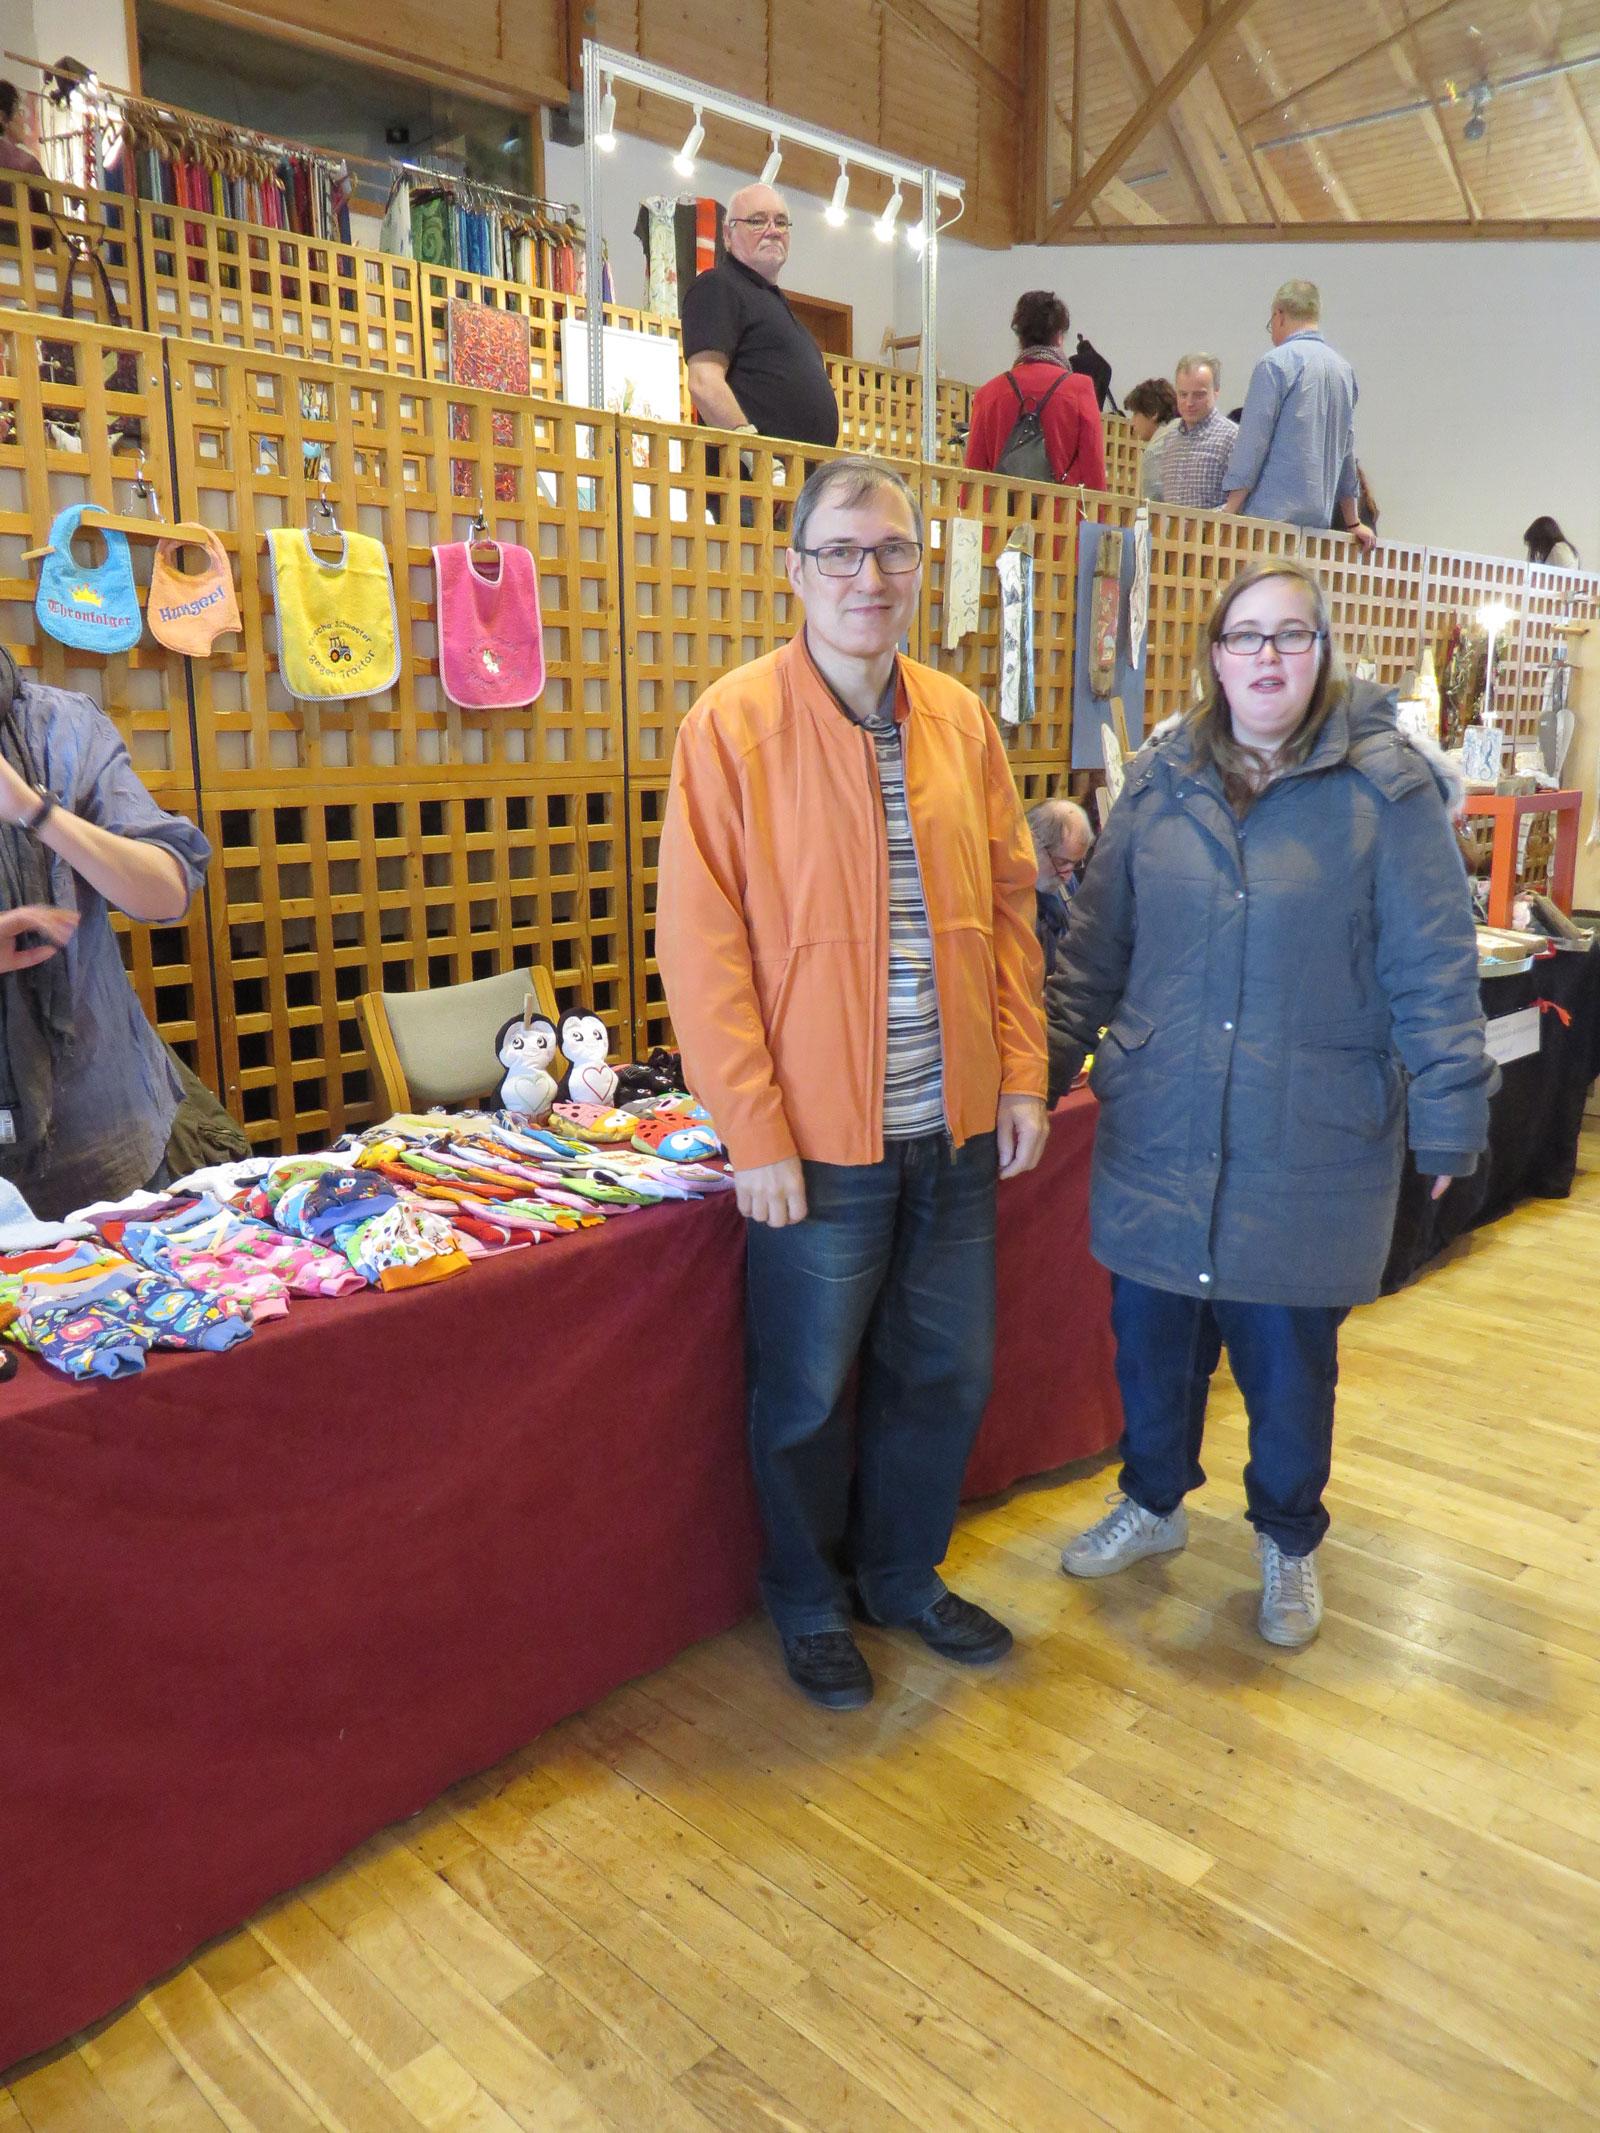 Der Hobbykünstlermarkt war gut besucht. Auch die Bewohner der Inklusiven Wohnwelt in Altdorf nutzten das herrliche Sonntagswetter zum Shoppen.